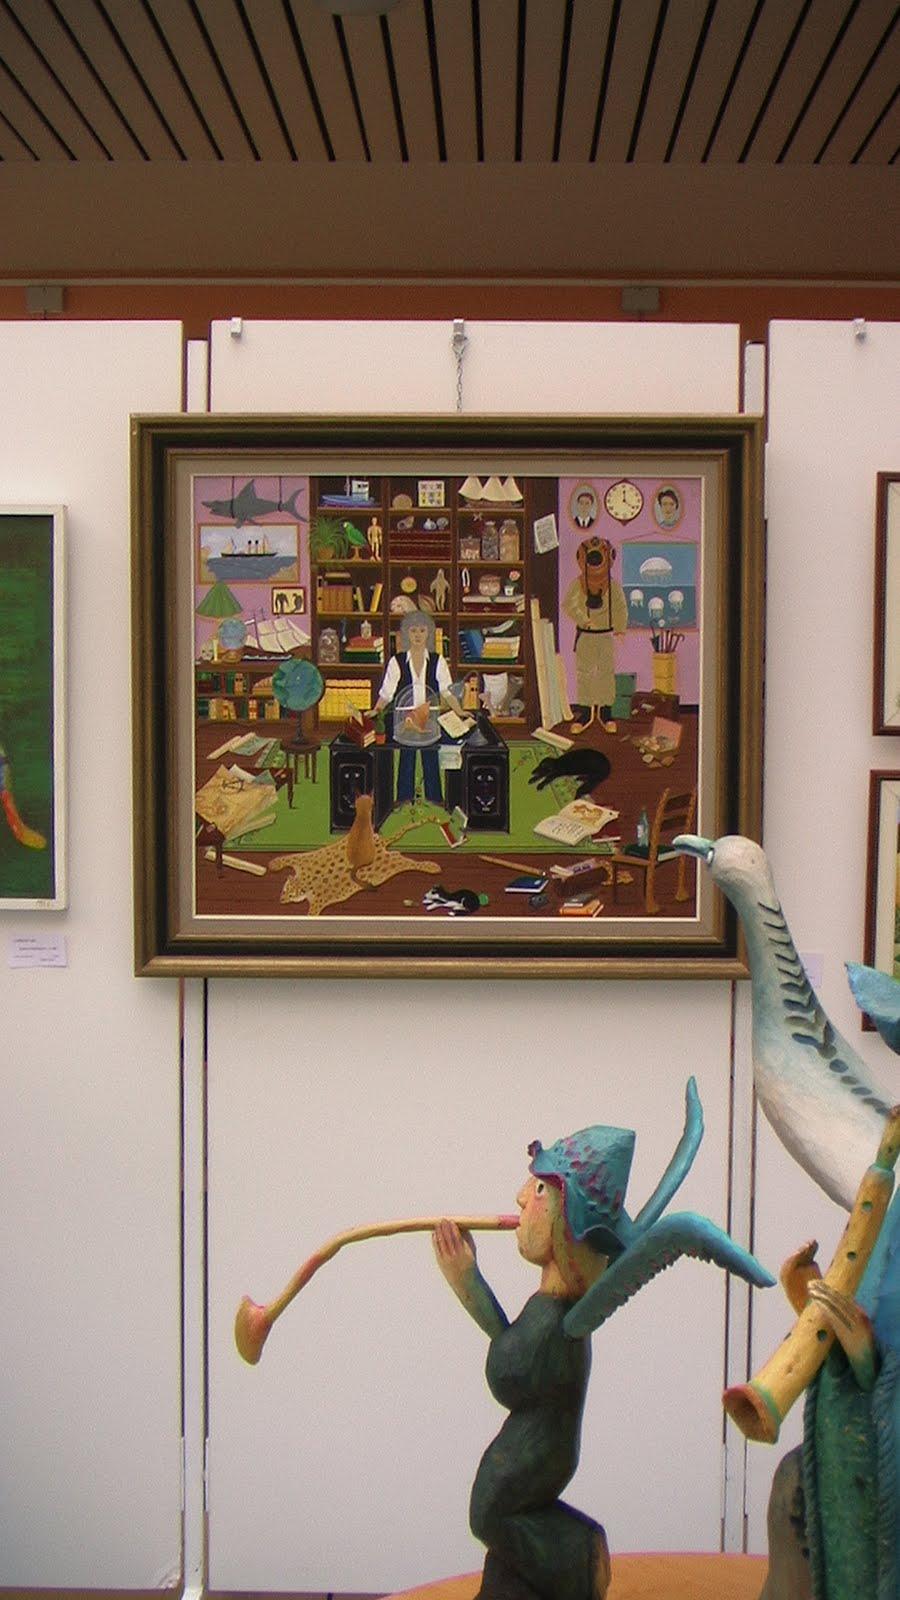 Corinne delhaye peinture vernissage de la biennale d for Biennale artisanat d art